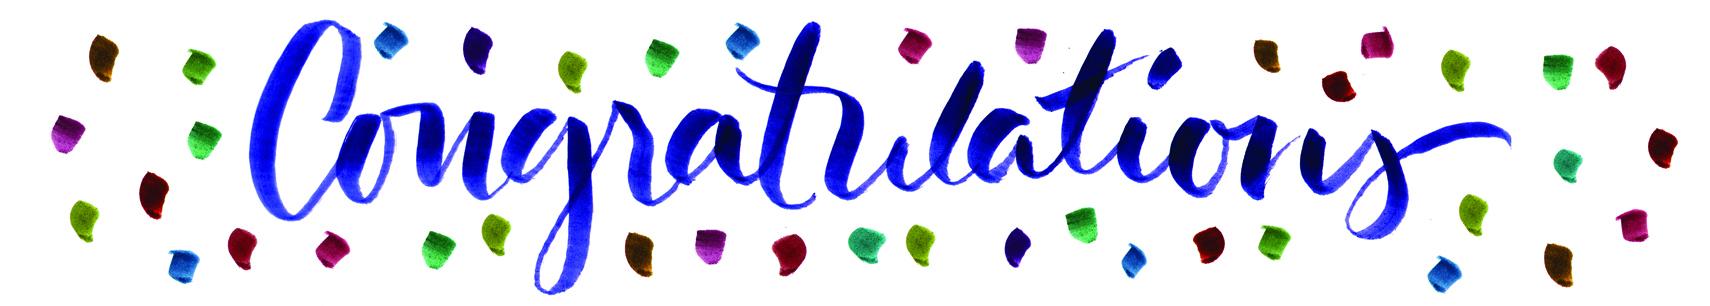 1710x306 Congratulations!